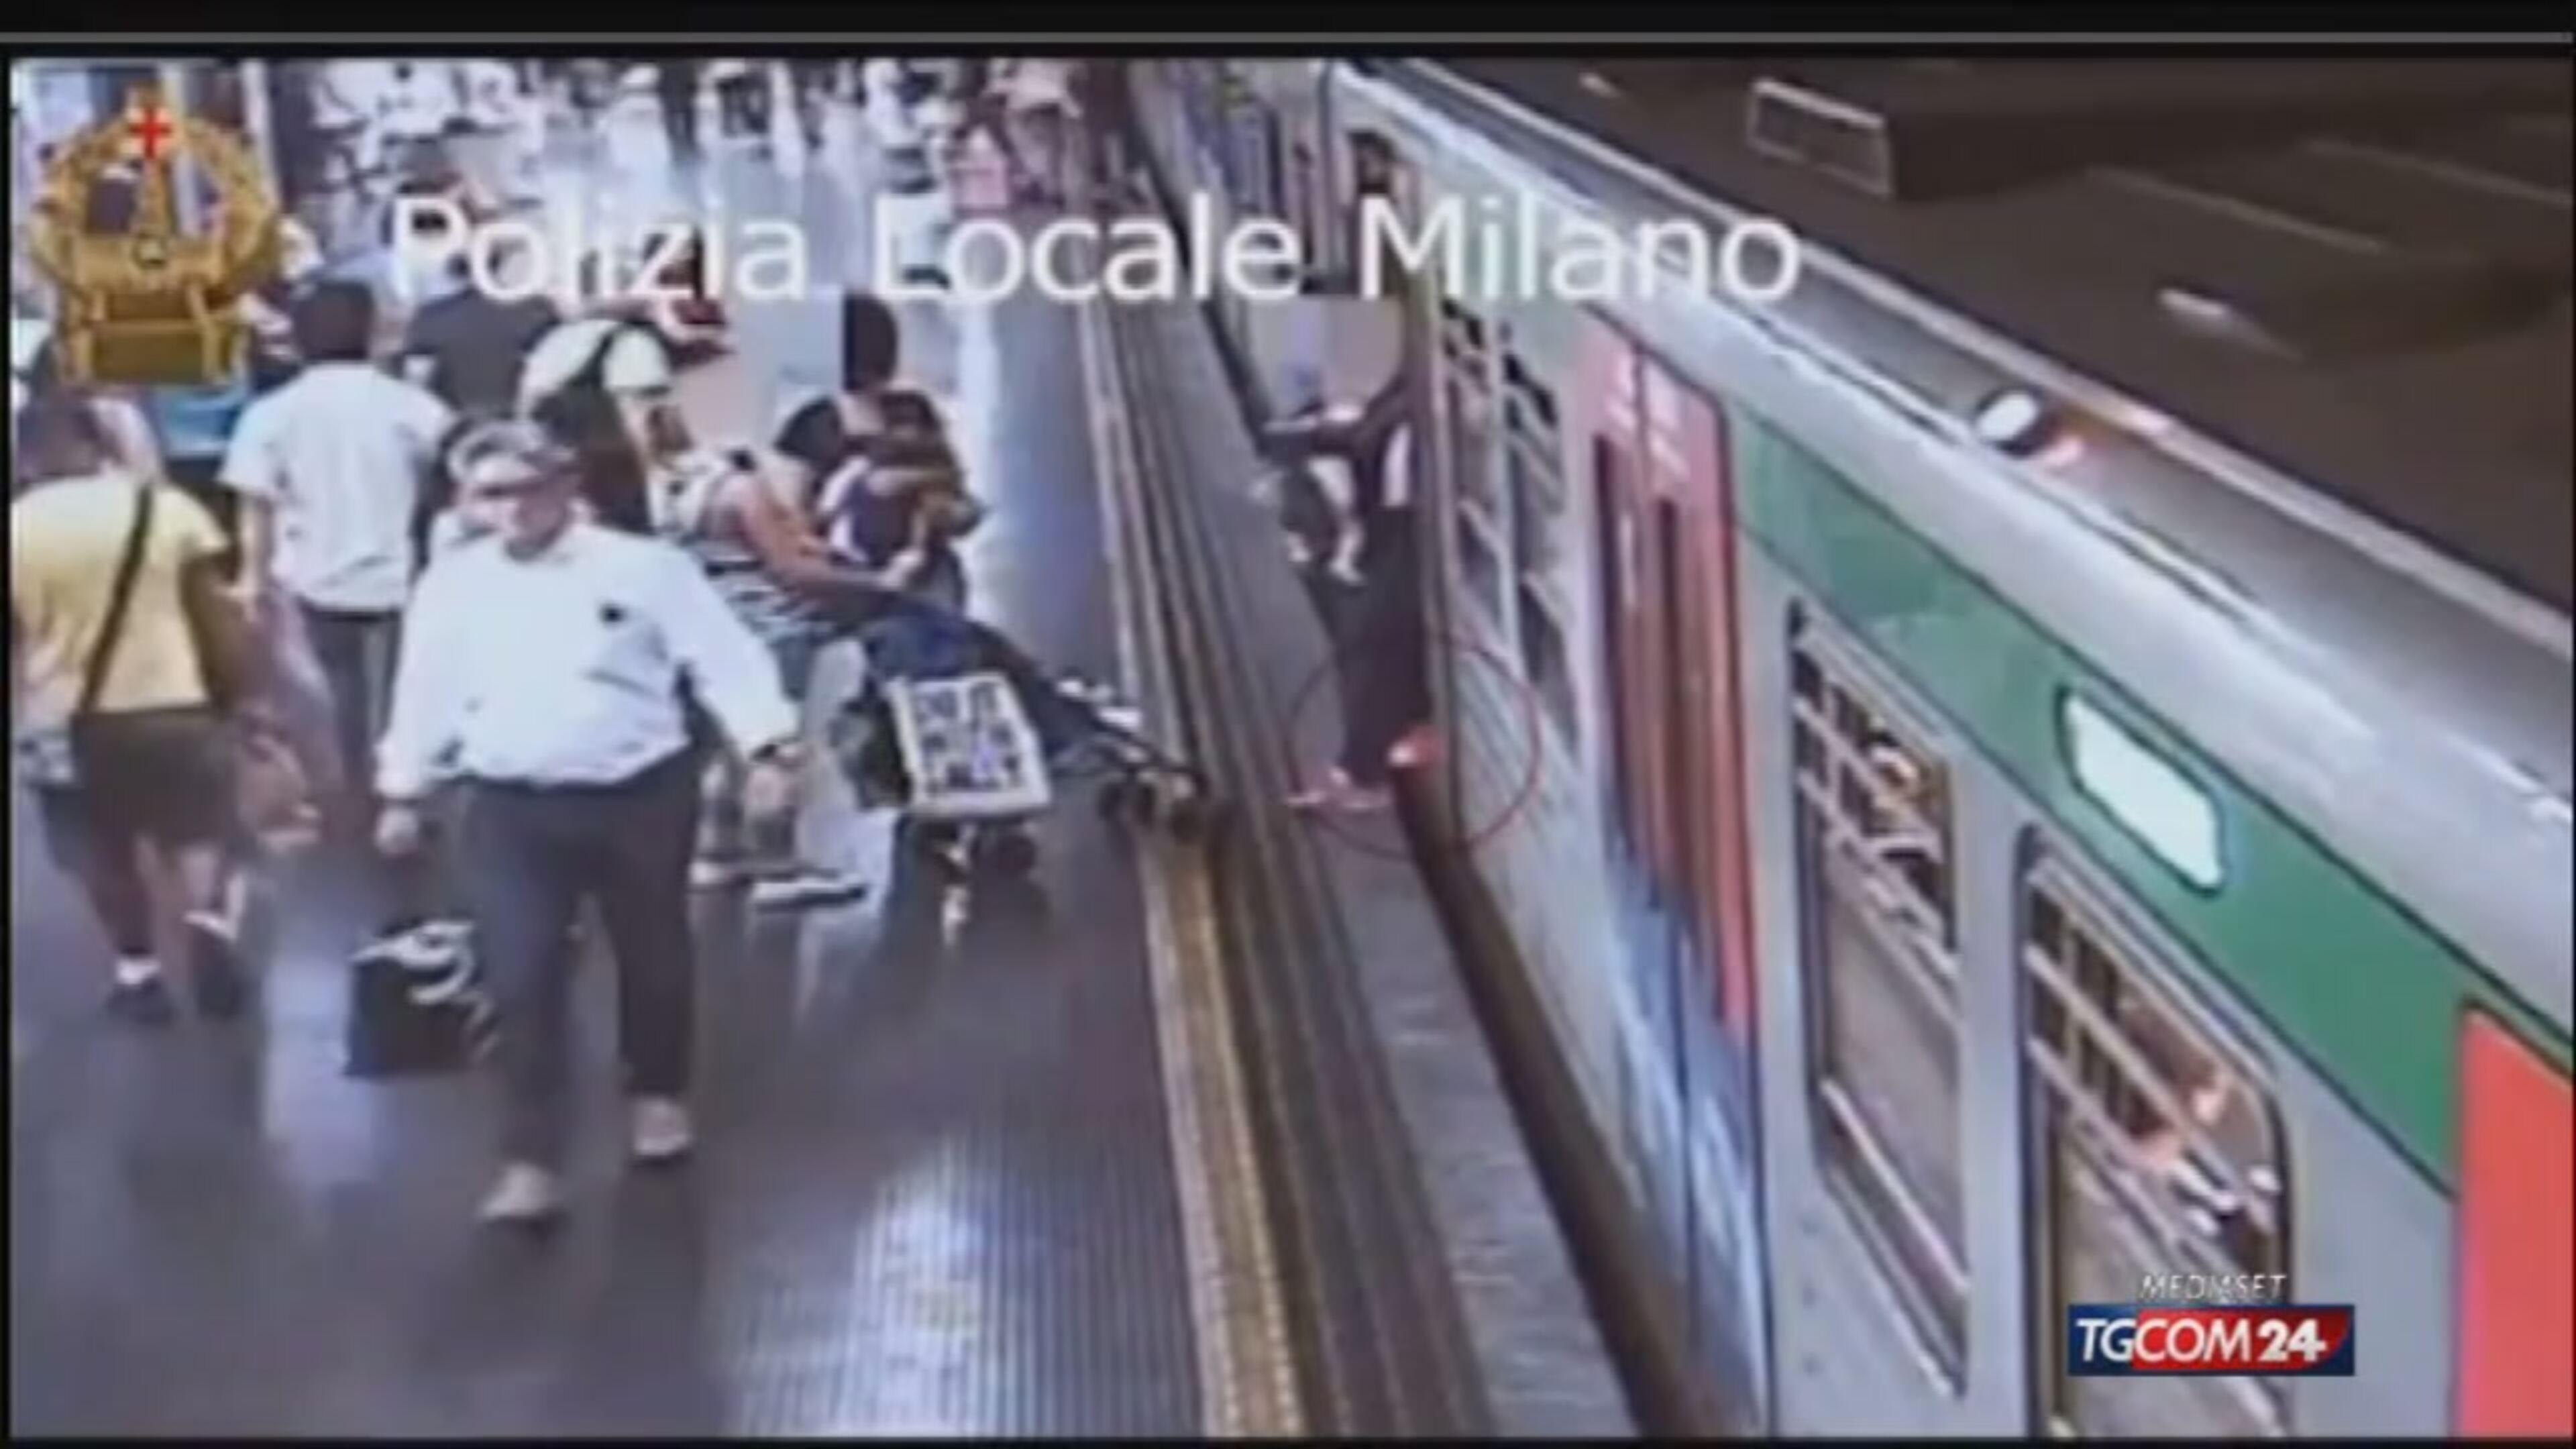 Video tgcom24 milano arrestate borseggiatrici al metro for Aste giudiziarie milano ultimi arrivi